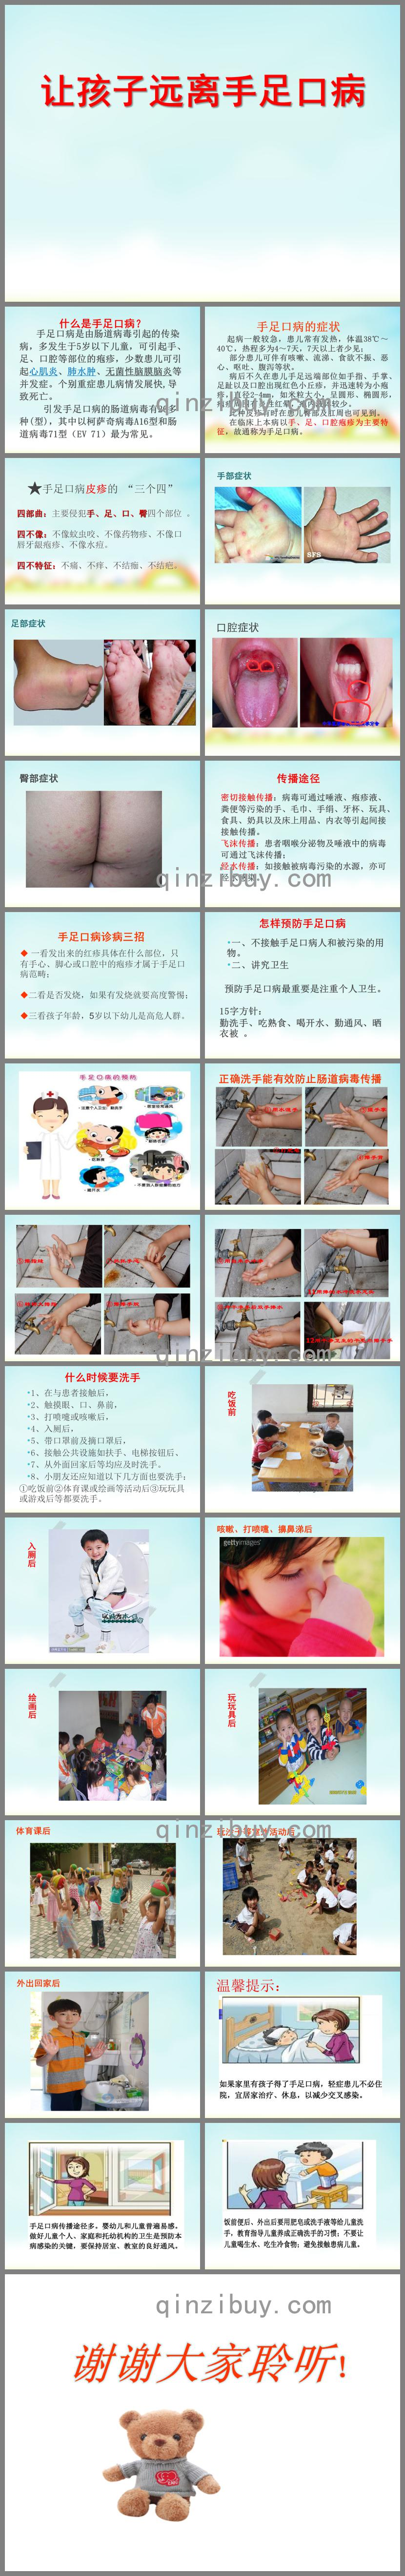 幼儿园健康教育手足口病的预防ppt课件